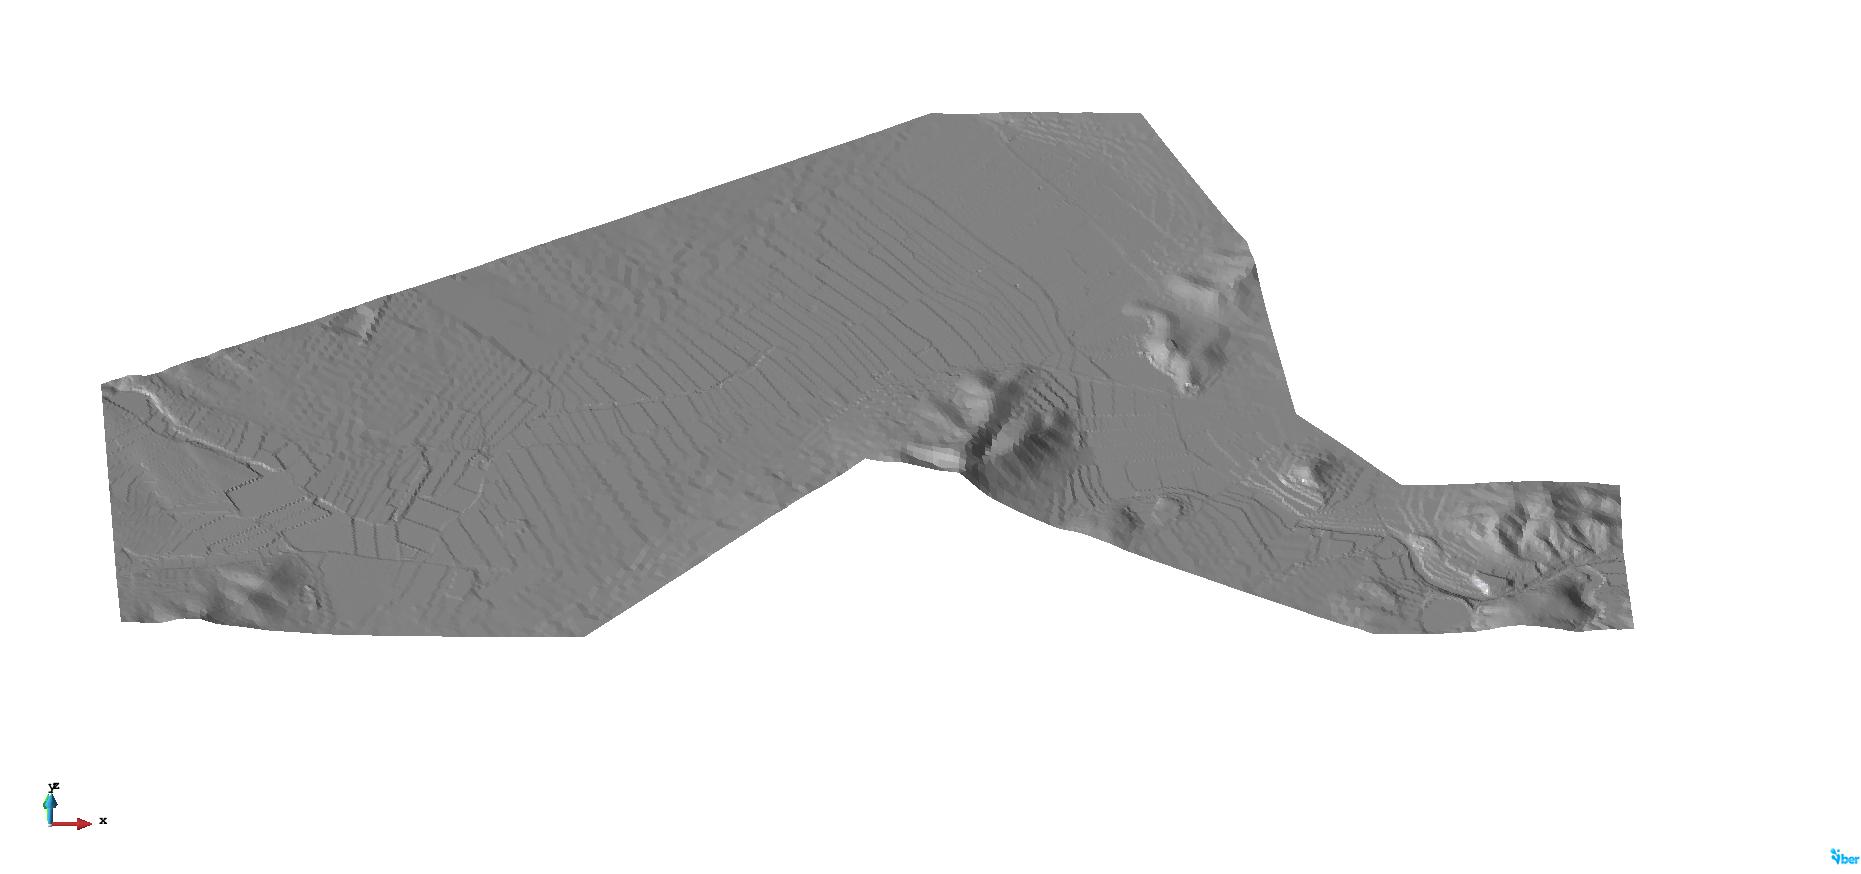 Geometria del modelo hidraulico